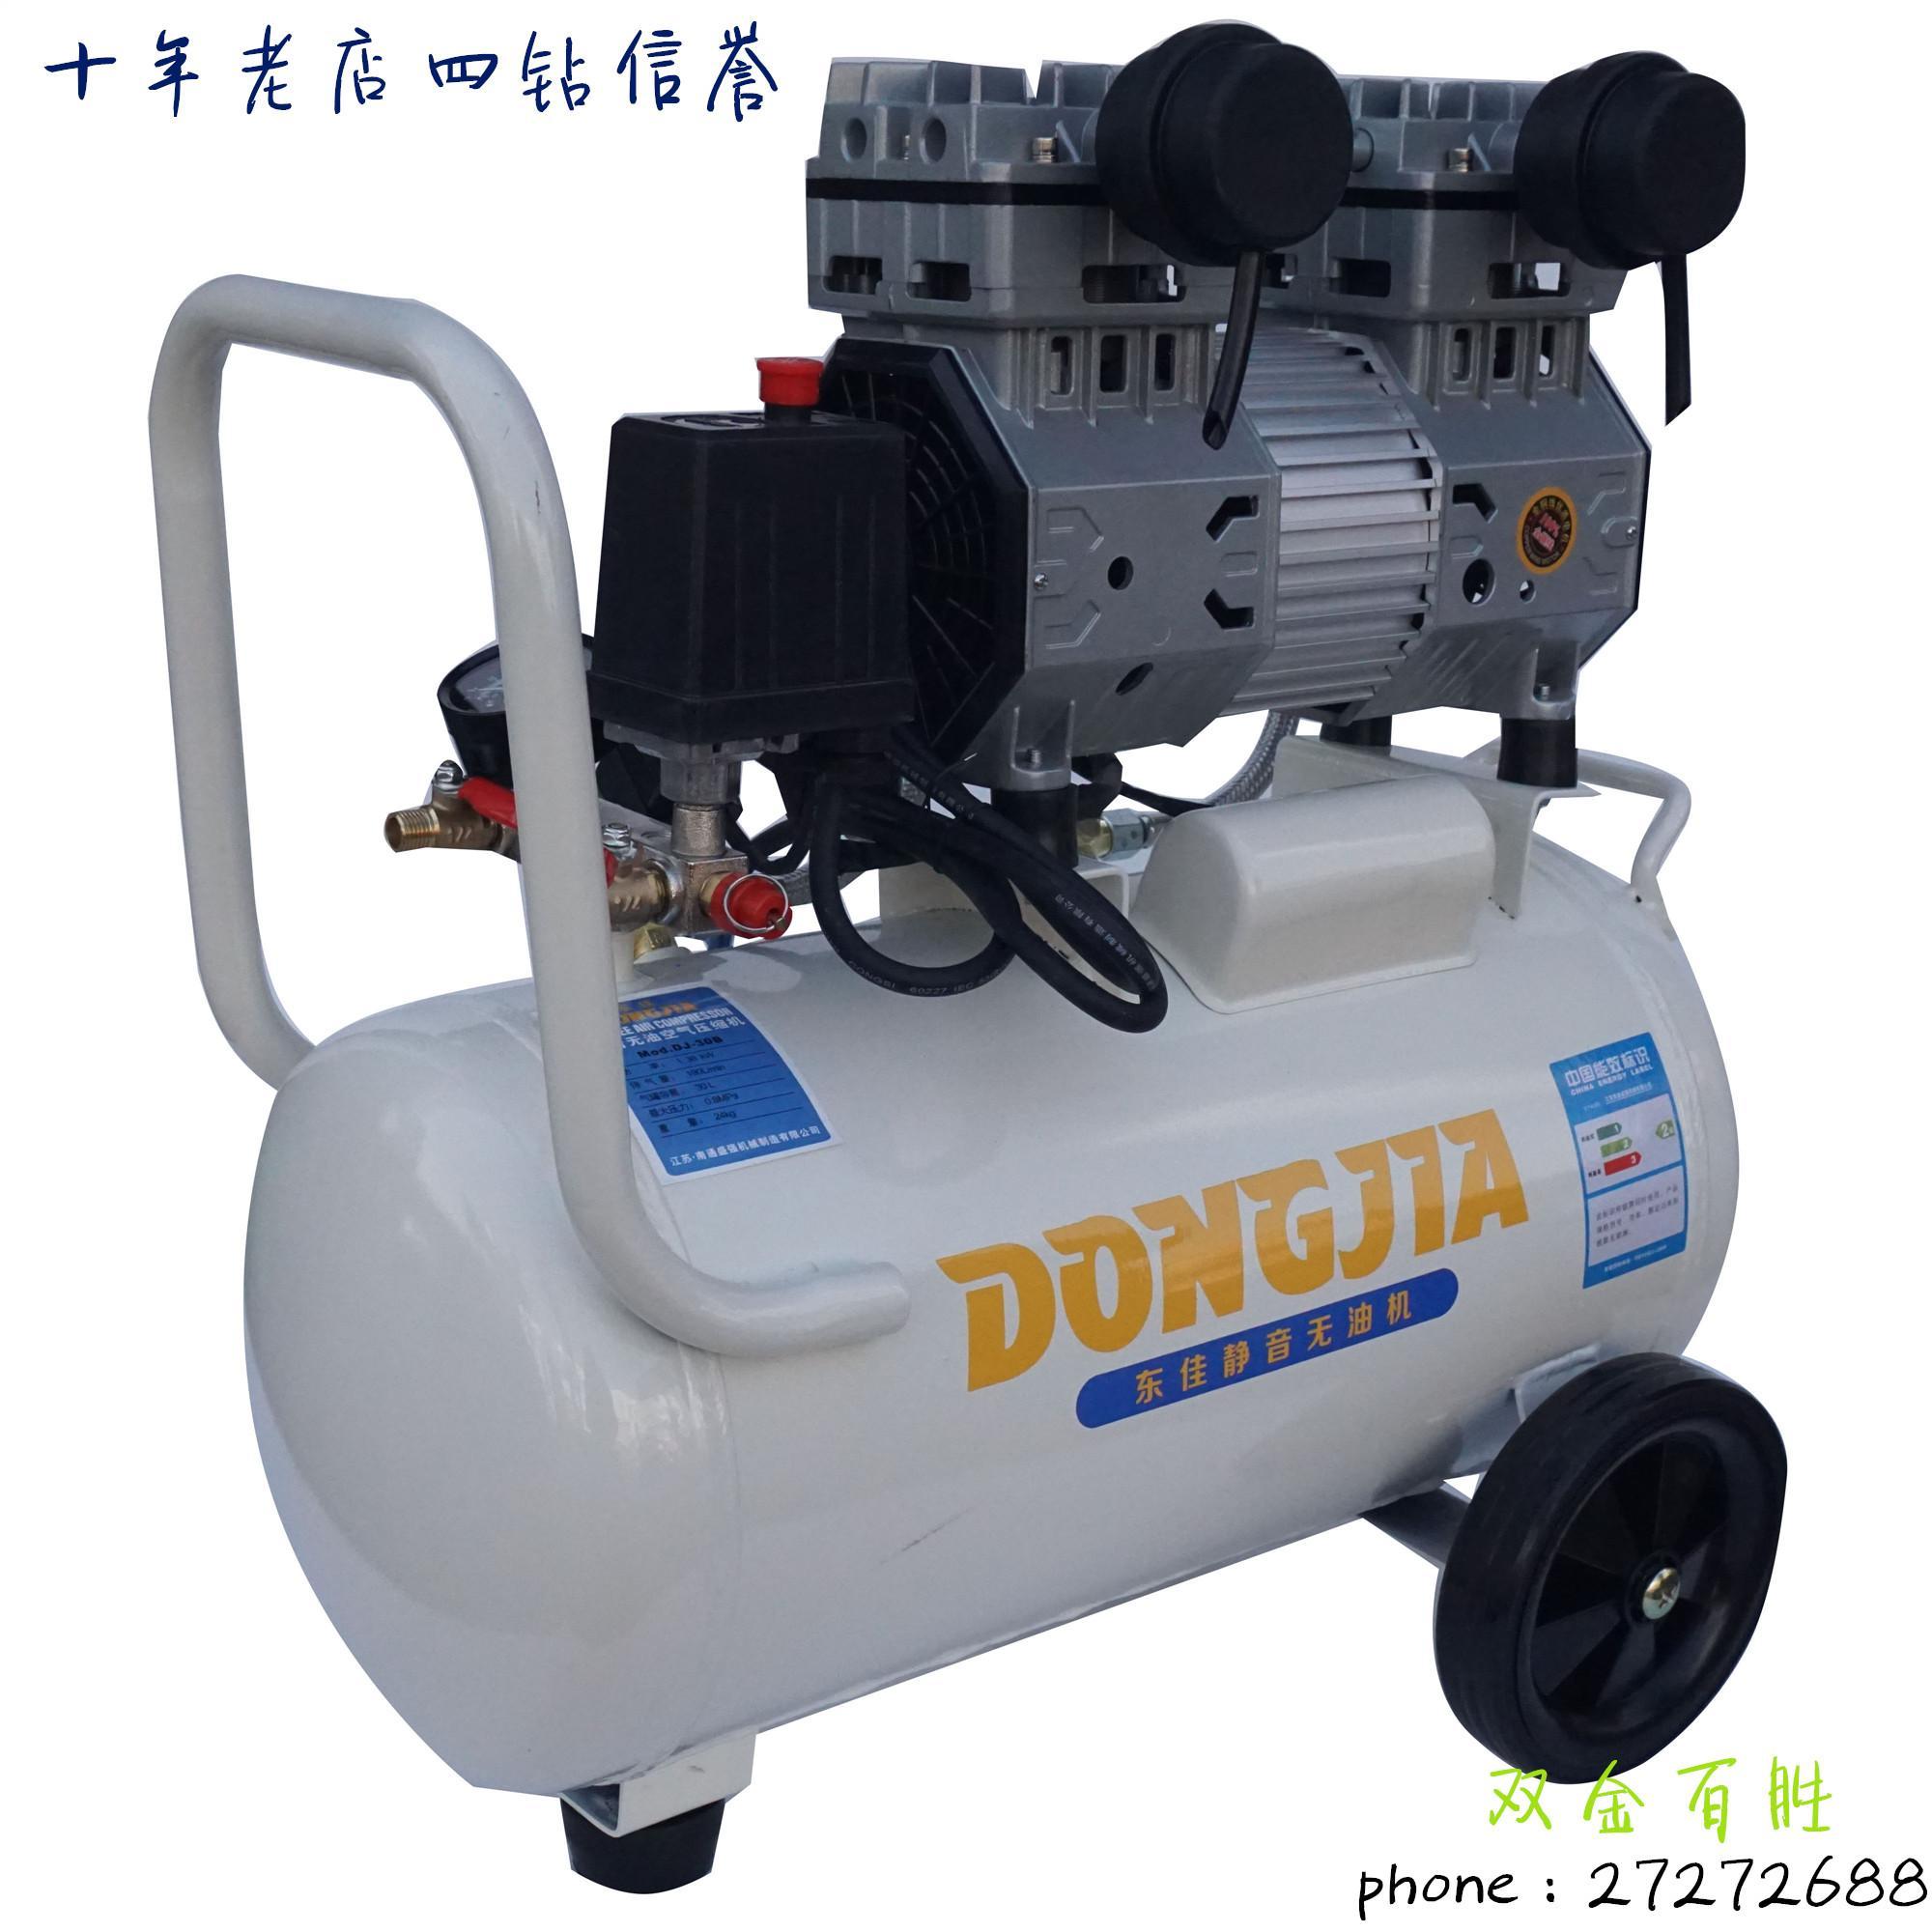 空壓機氣泵無油靜音小型空氣壓縮機配件 1